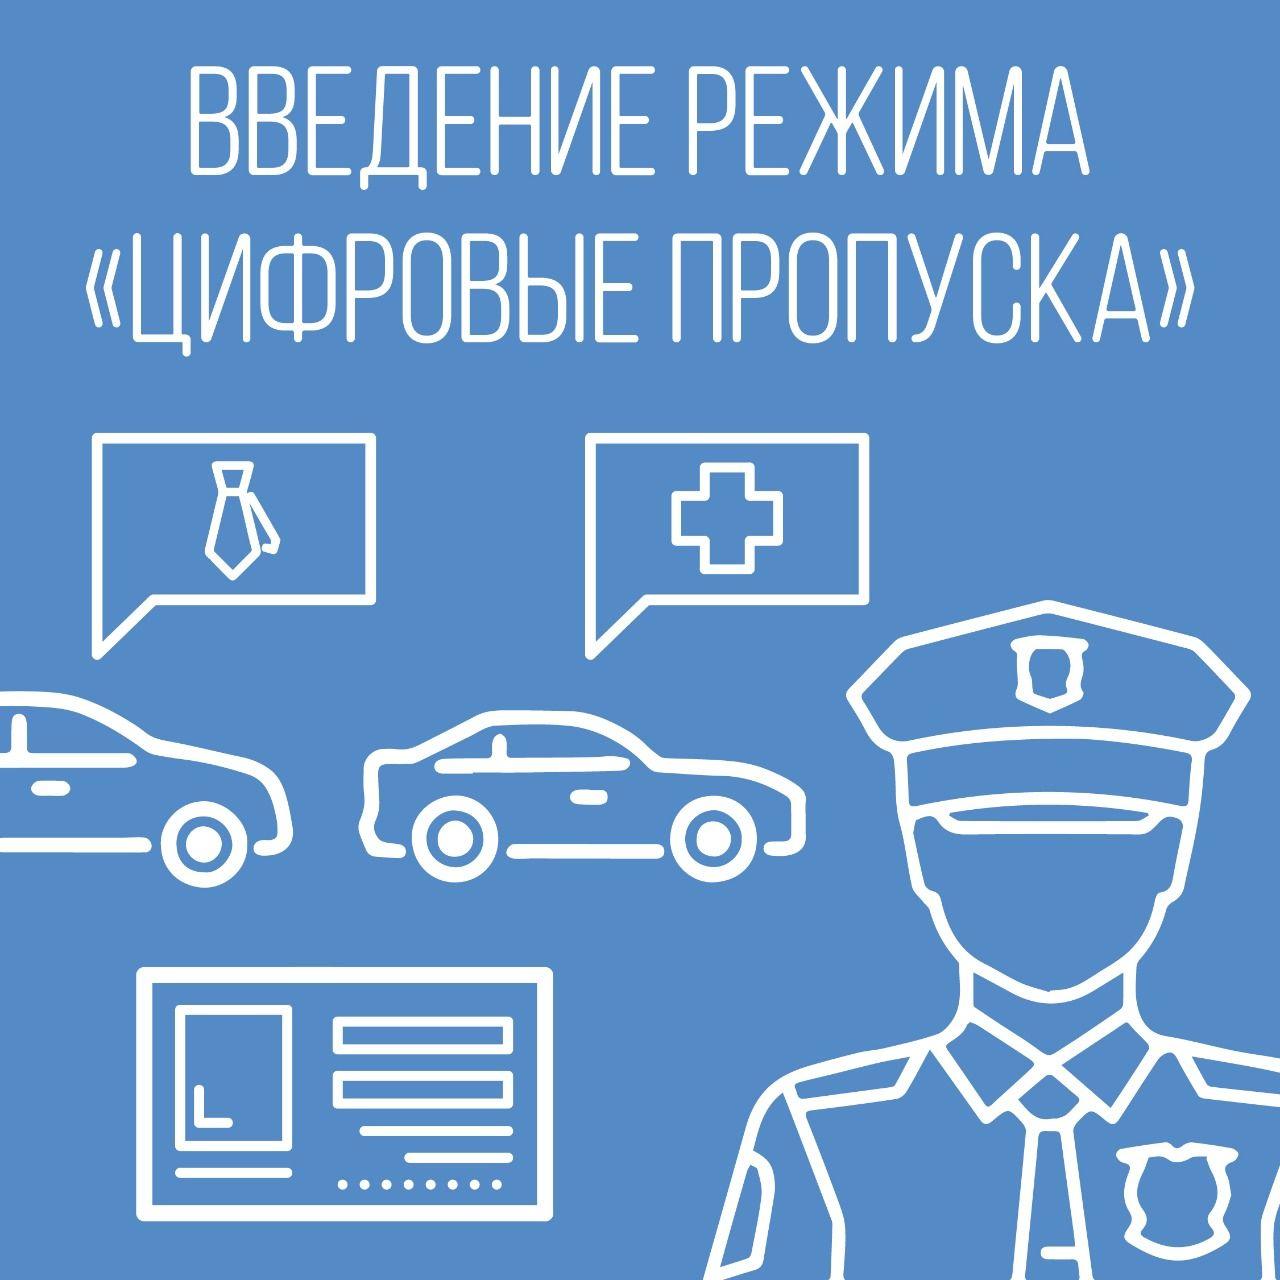 Цифровой пропуск потребуется для передвижения по Москве на транспорте с 15 апреля